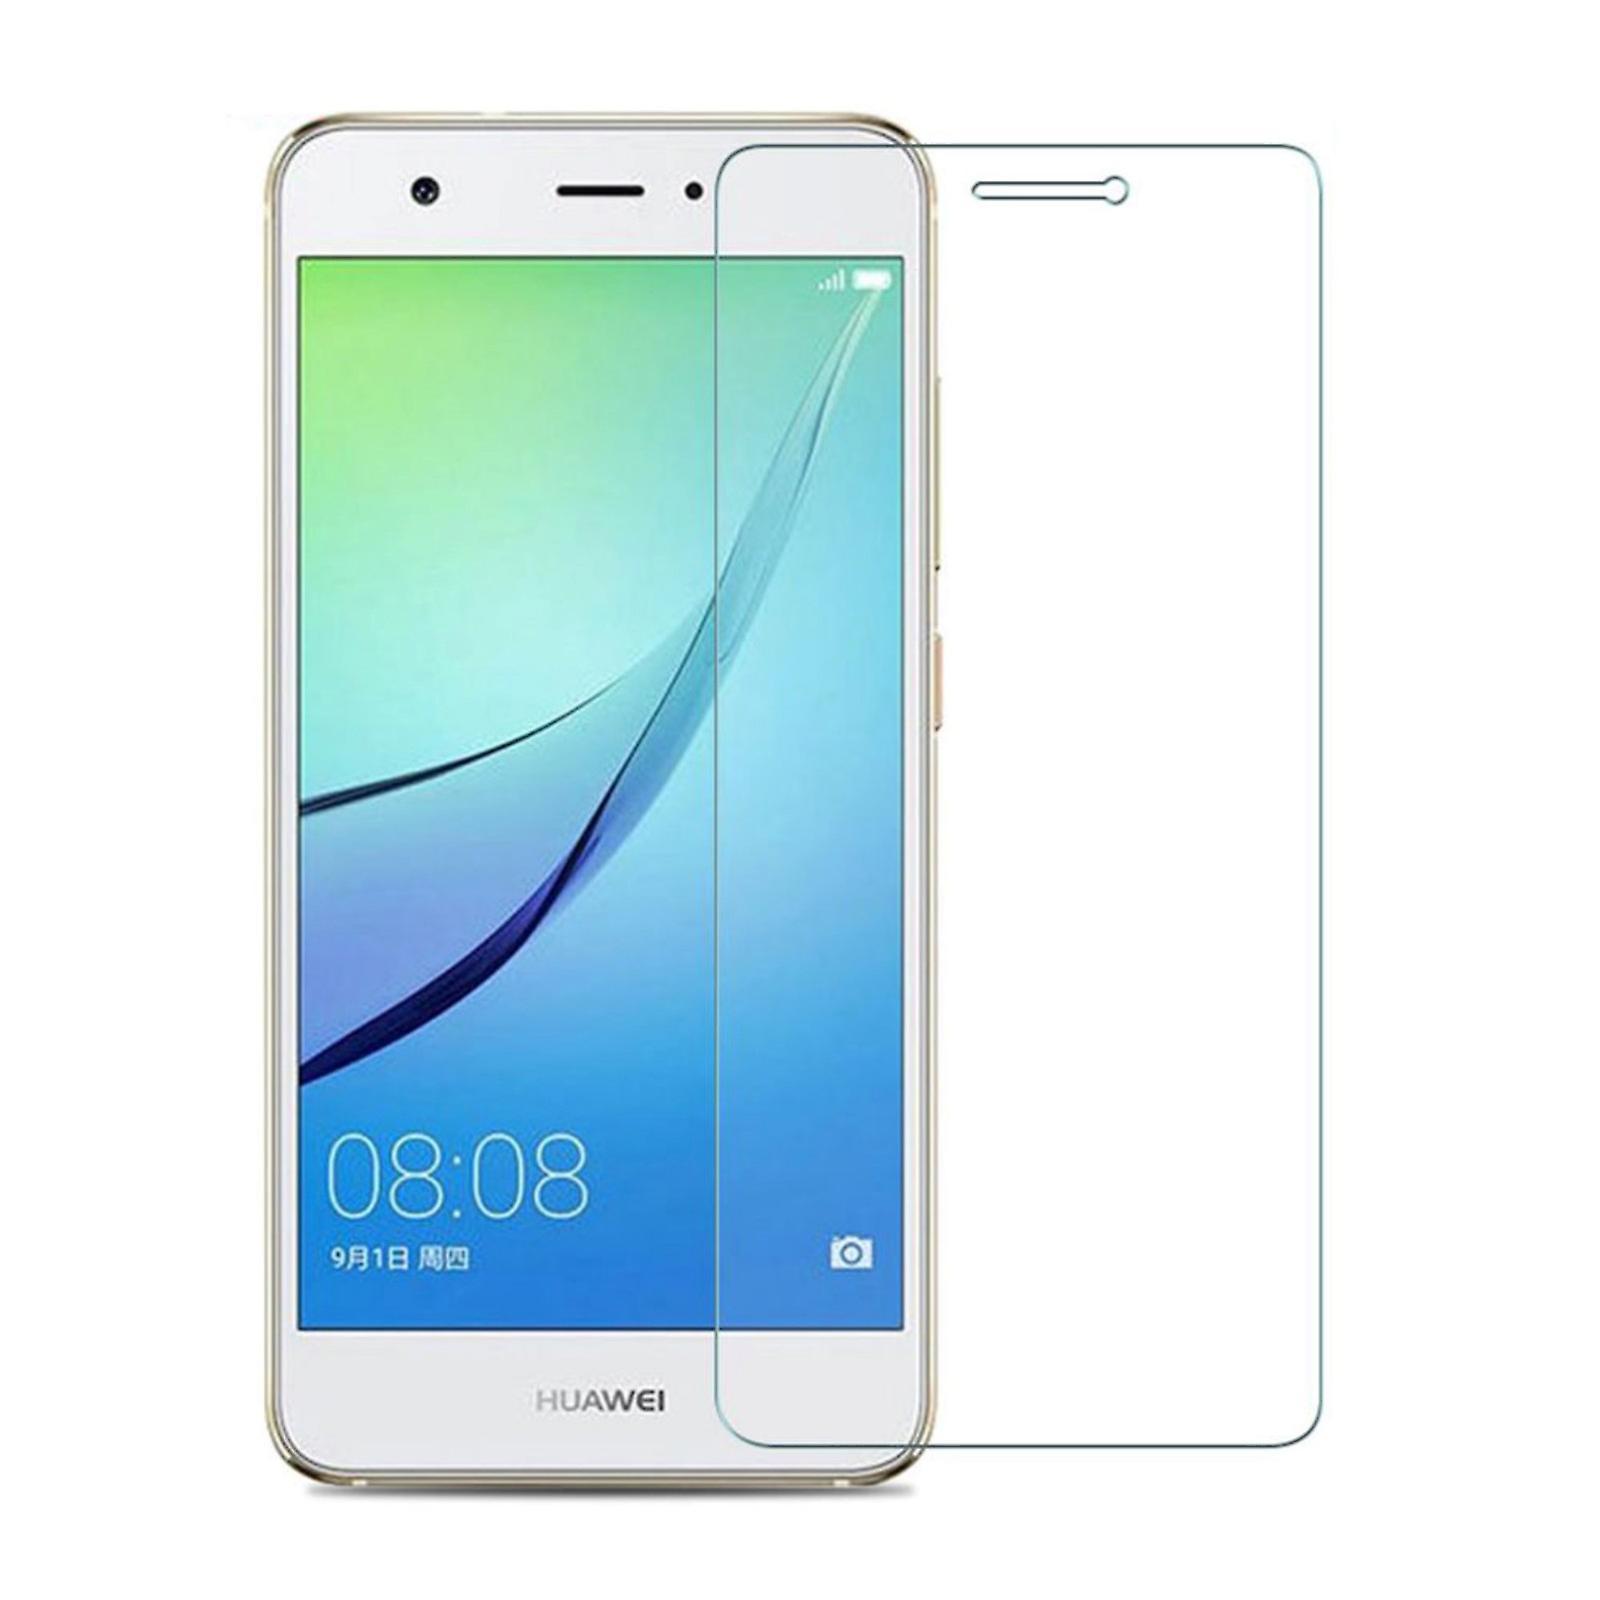 Huawei Nova 2 plus réservoir prougeection prougeection verre blindé film real 9 H verre verre trempé